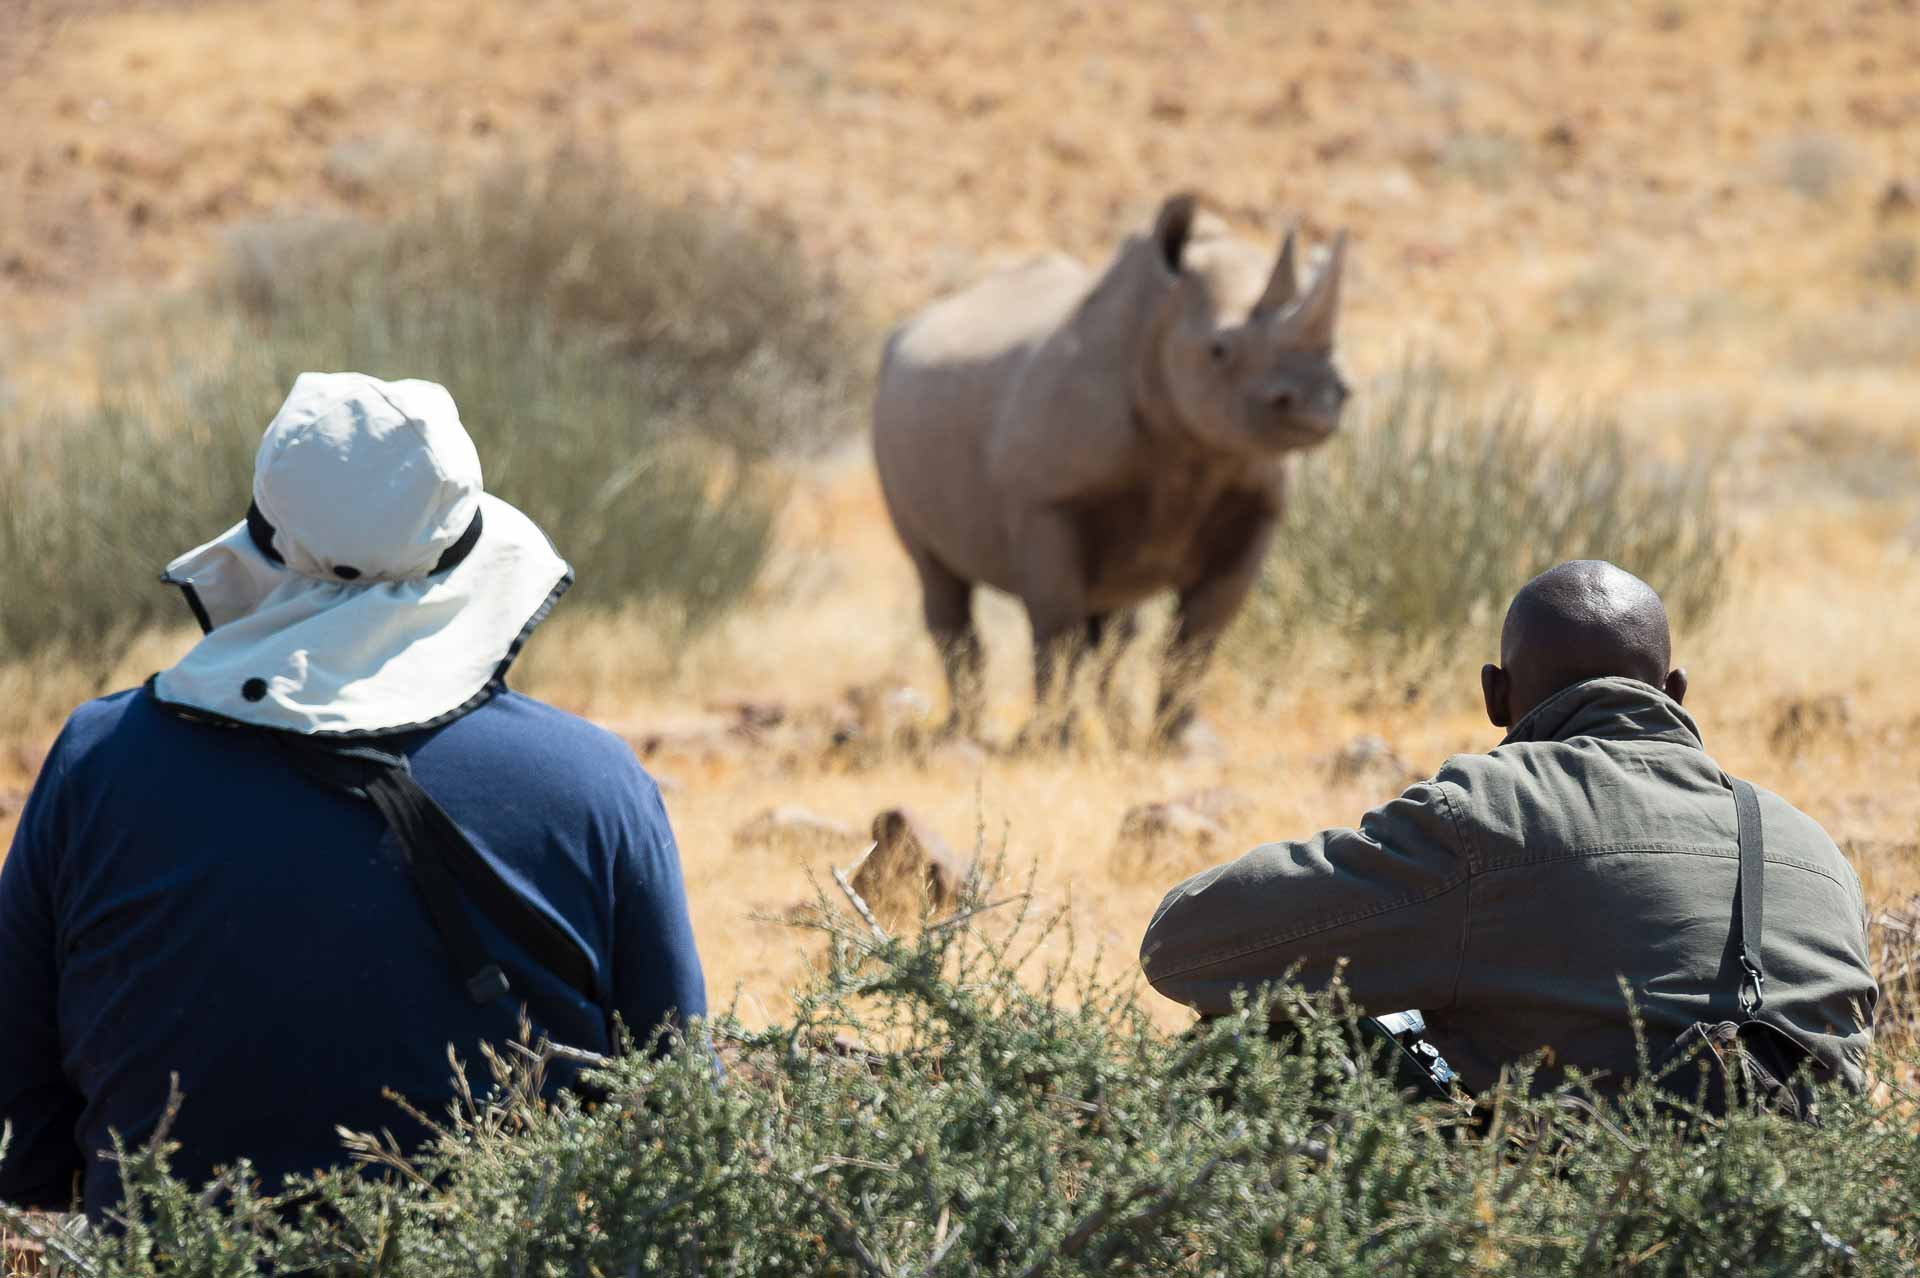 enkosi-africa-safari-namibia-damaraland-desert-rhino-camp-wildernes-walking